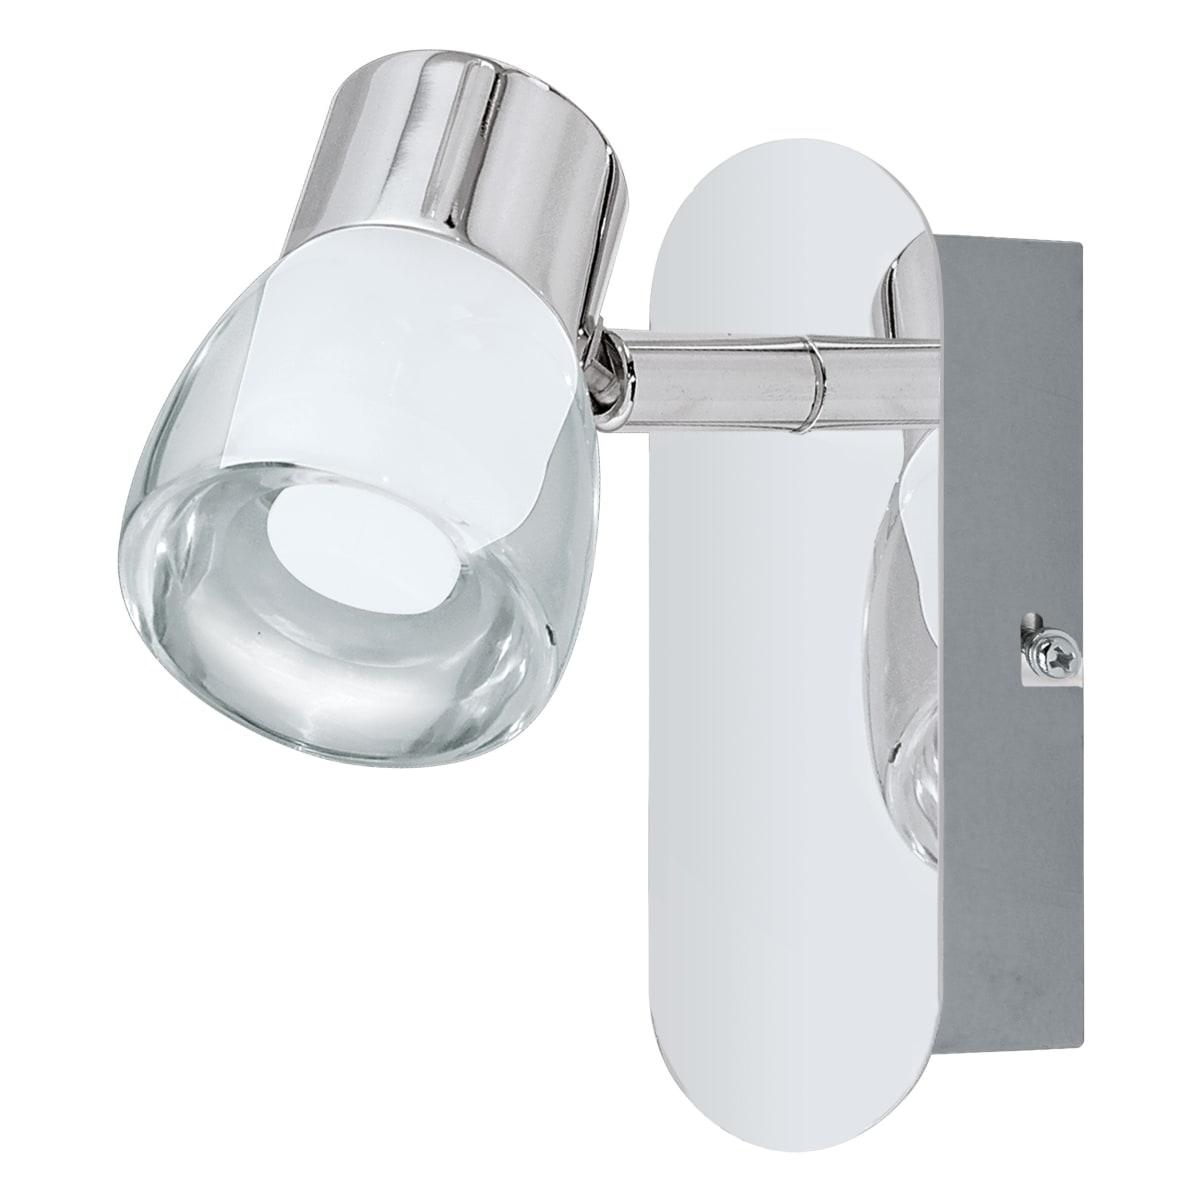 Спот поворотный светодиодный Eglo Perito, 2 м², тёплый белый свет, цвет серебристый